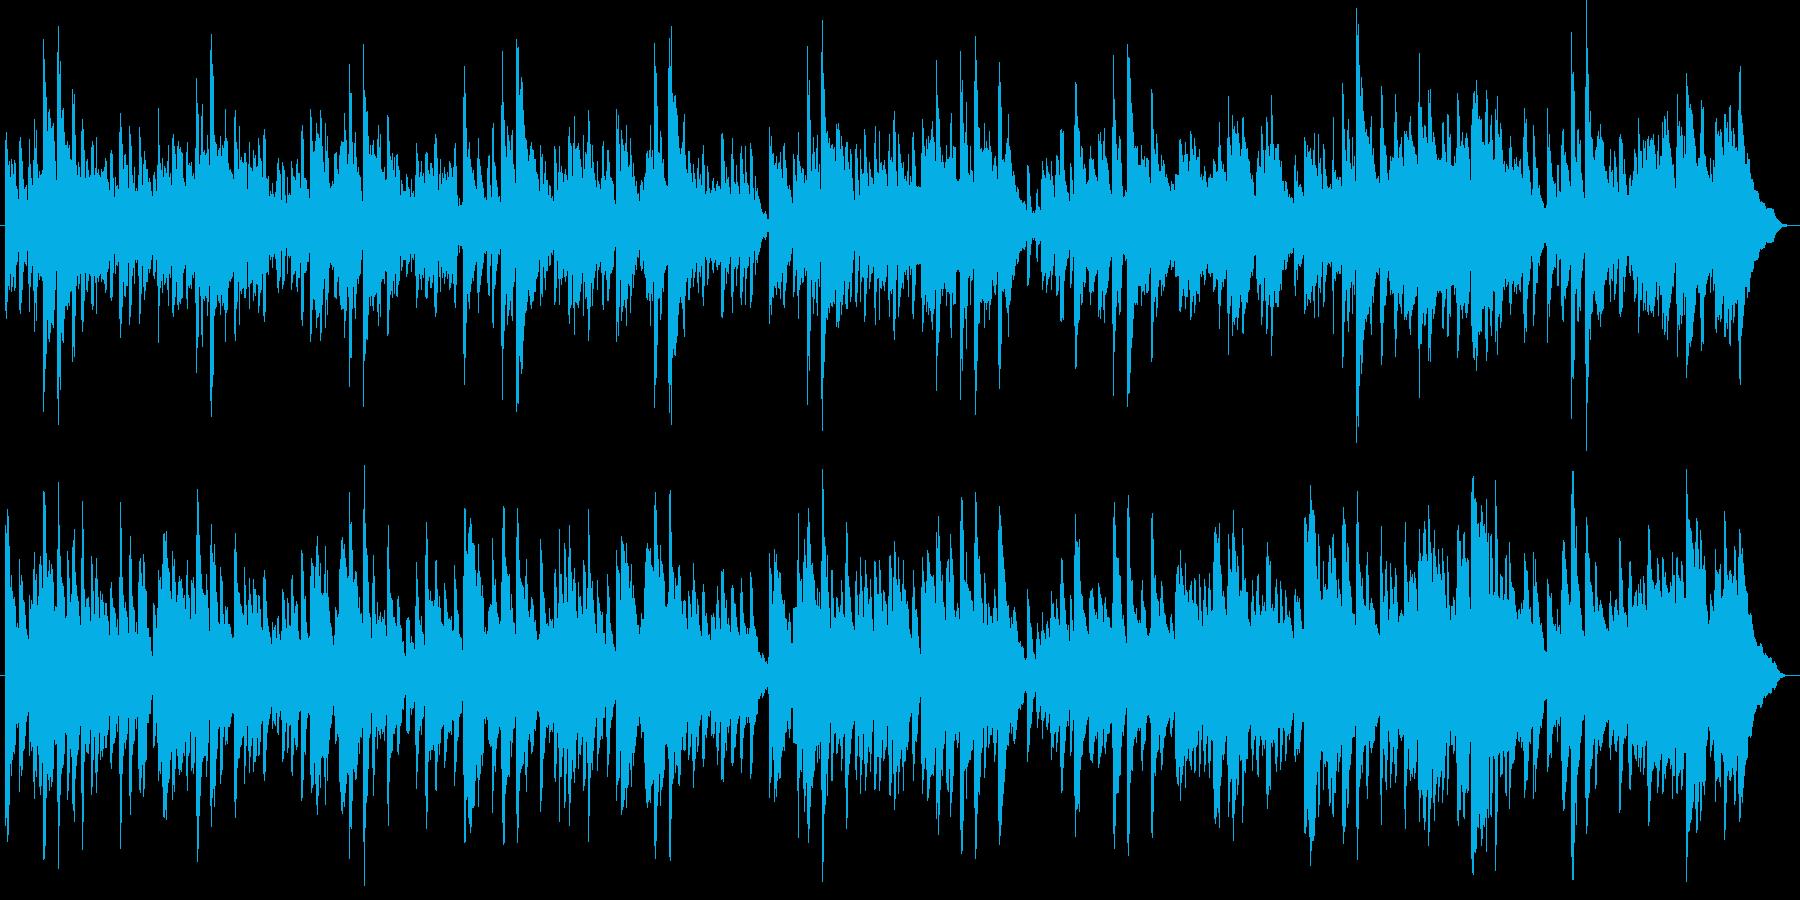 幻想的で綺麗なピアノBGM10の再生済みの波形